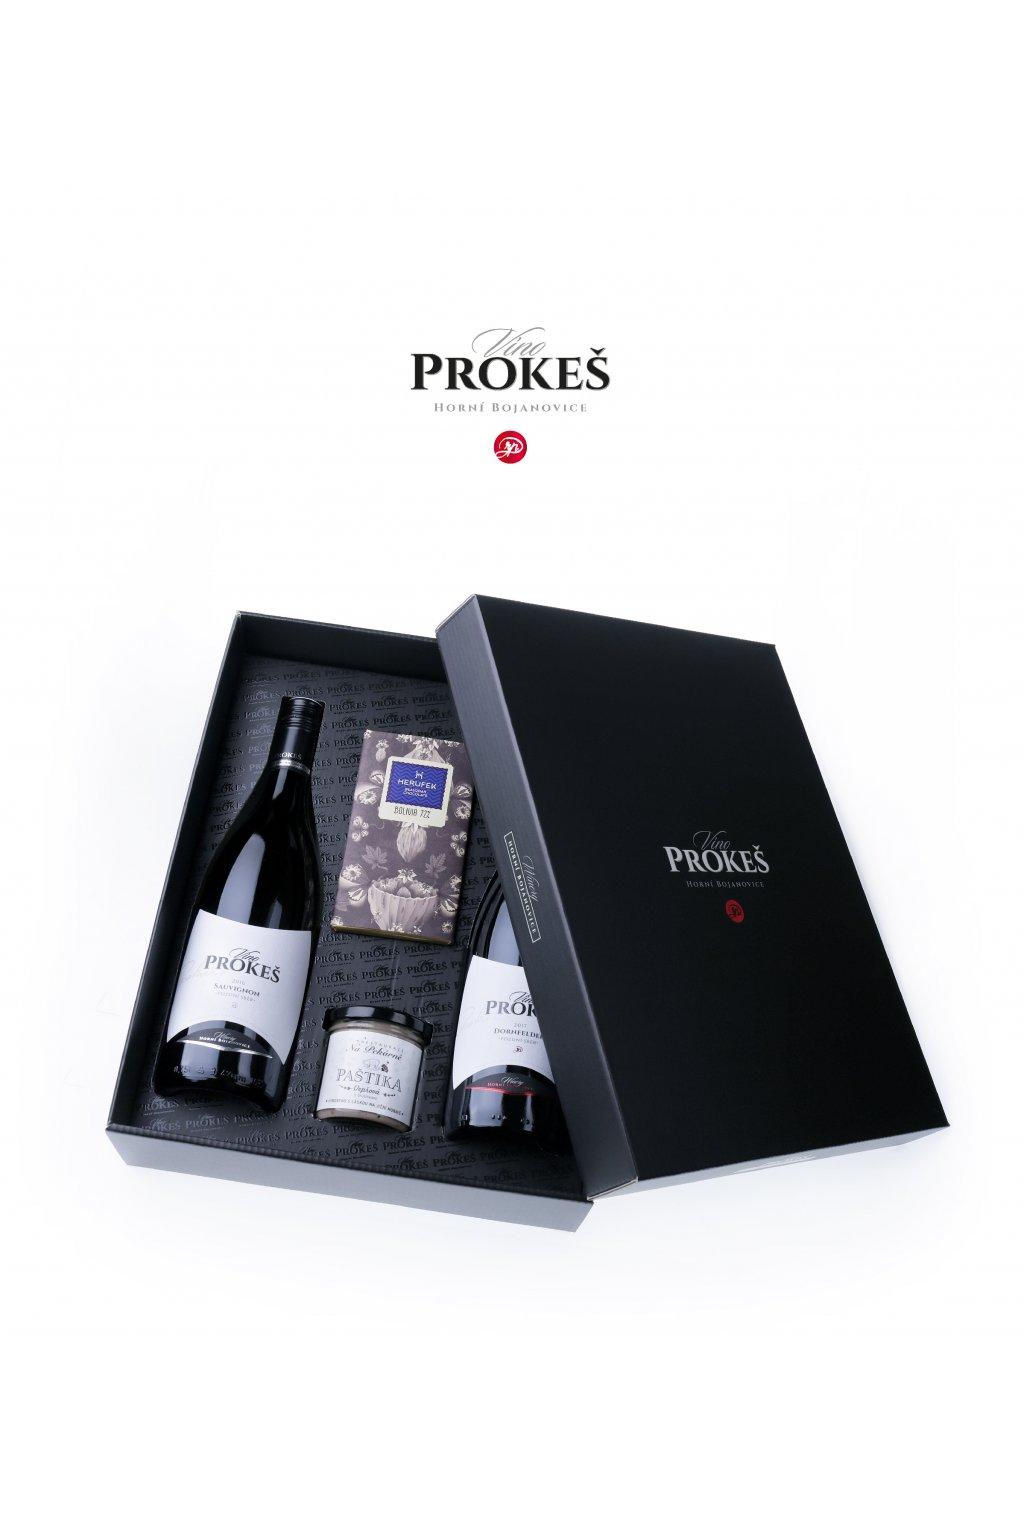 PROKES Vin DARKOVE velke 2x lahev pastika coko v5 LOGO